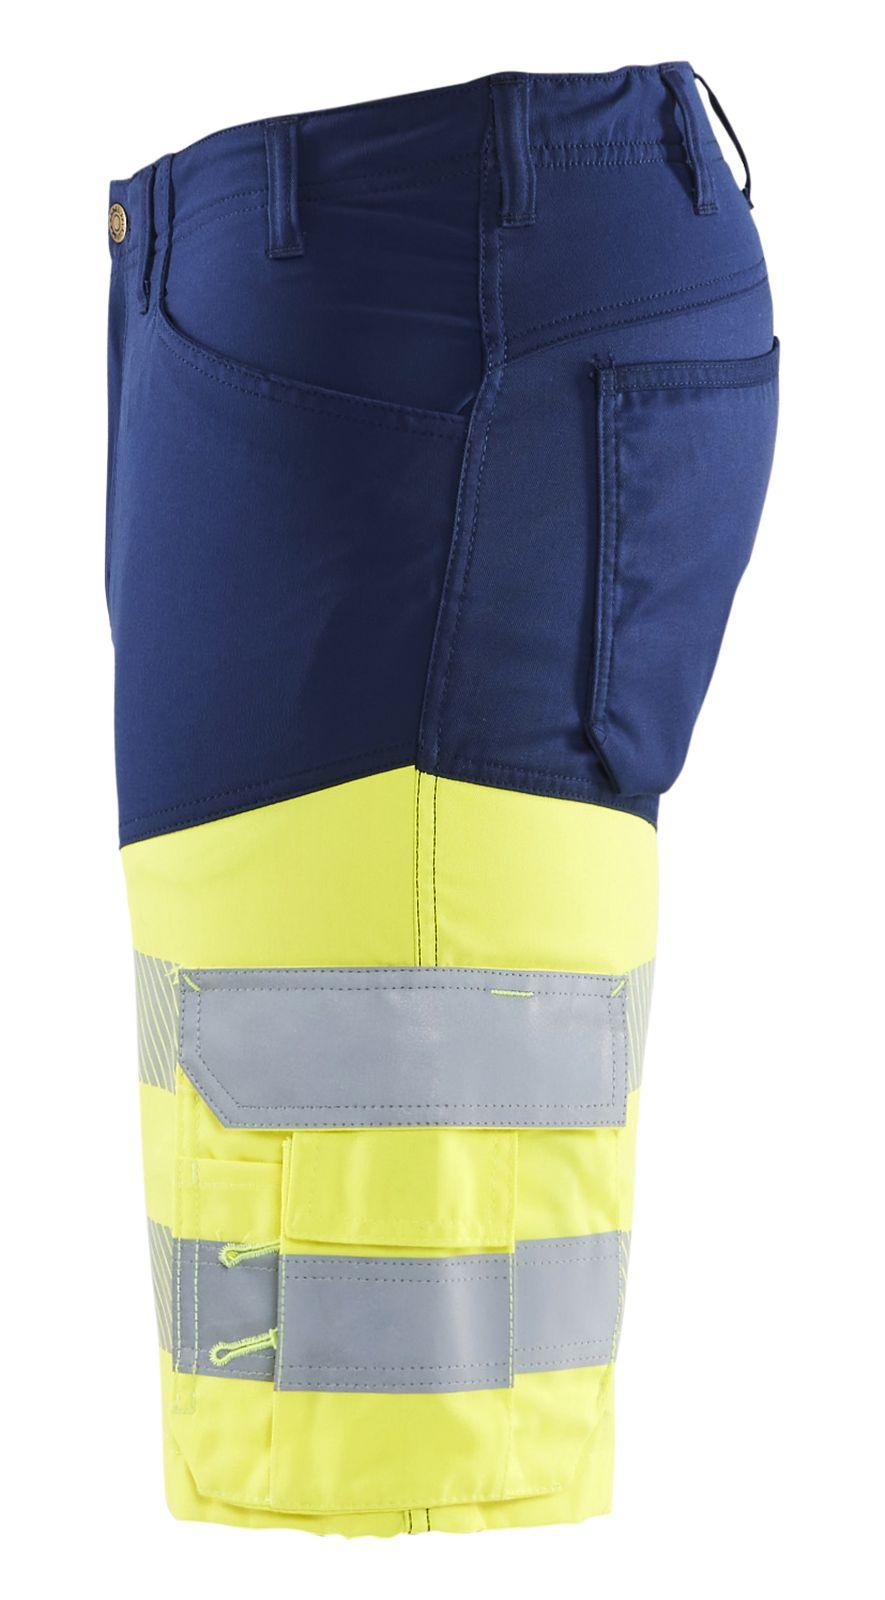 Blaklader Broeken 15411811 High Vis marineblauw-fluo geel(8933)